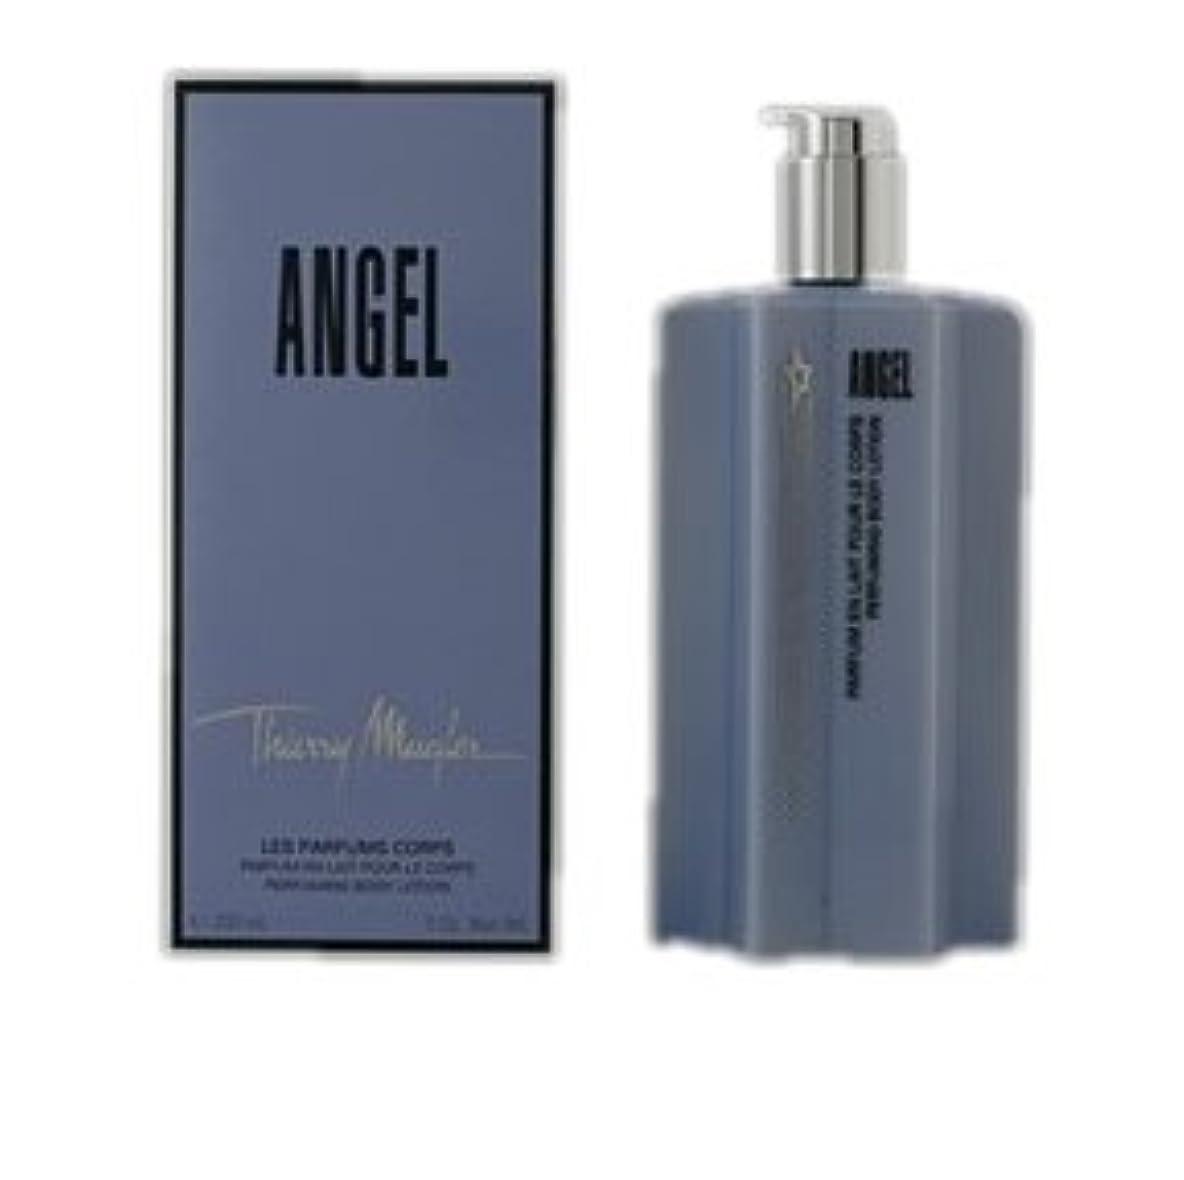 震え見物人きらめきThierry Mugler Angel Perfuming Body Lotion 200ml [並行輸入品]